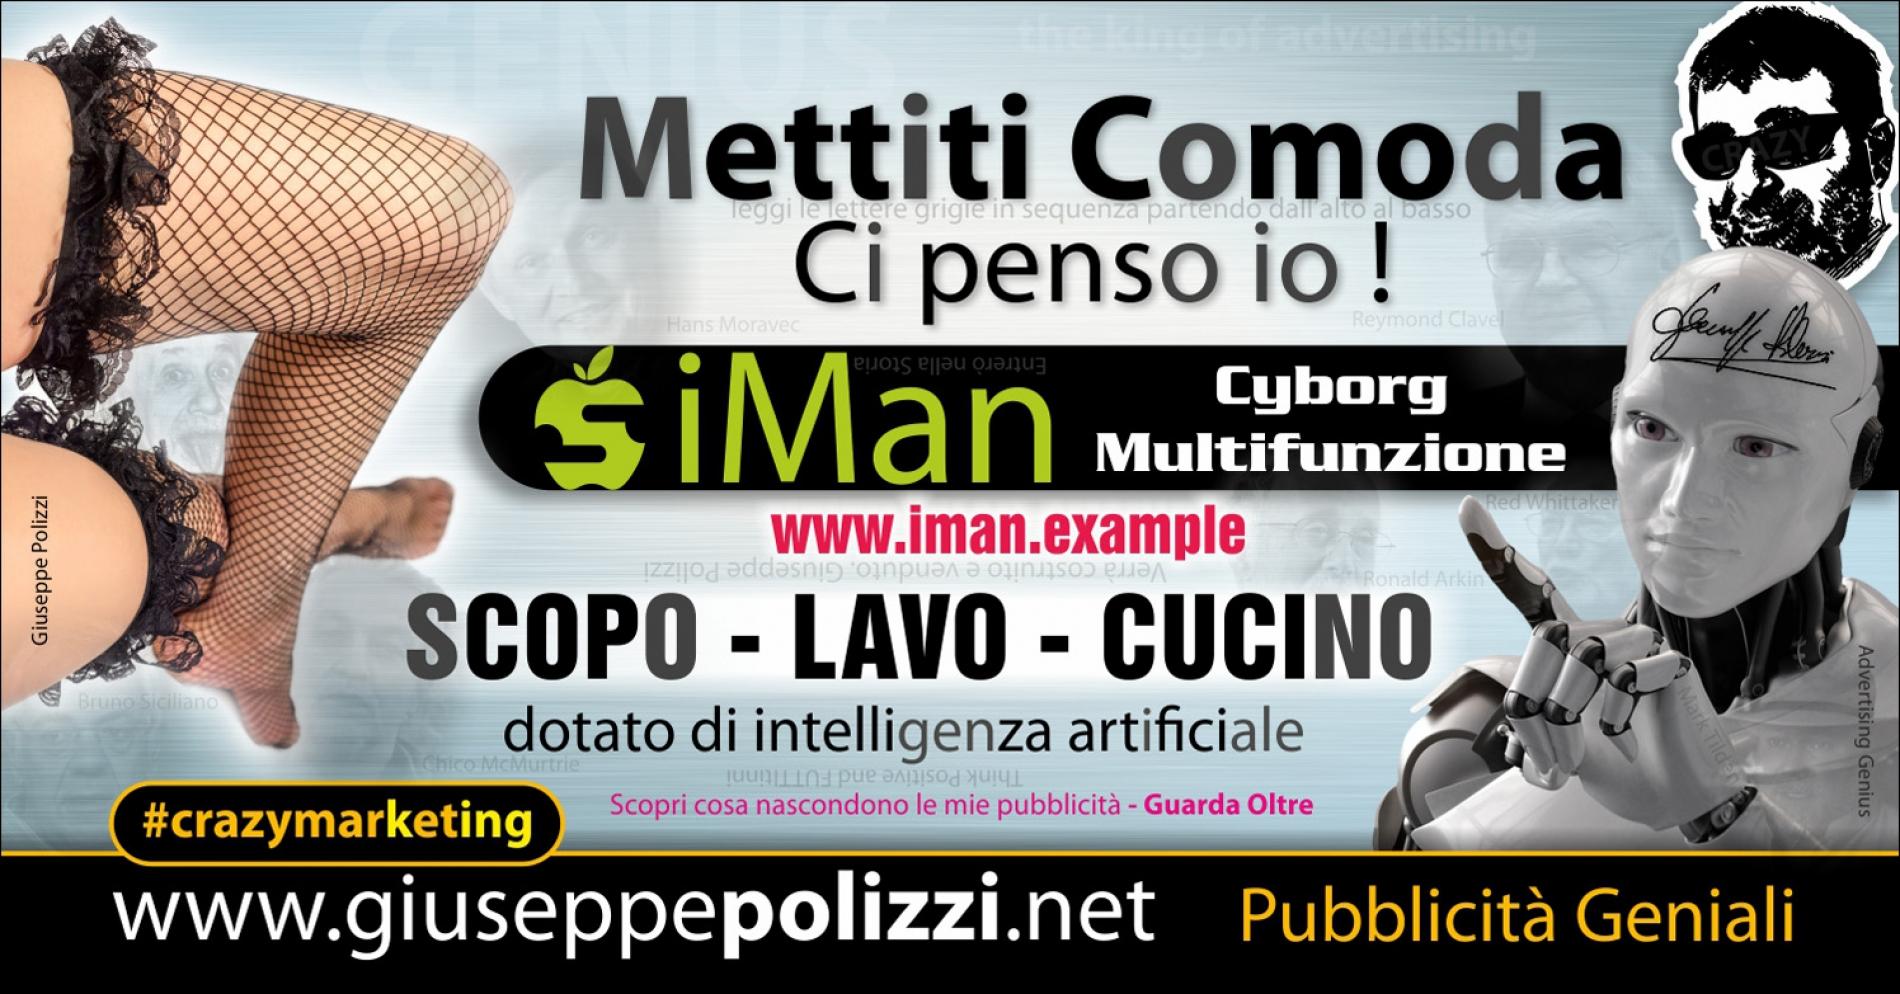 giuseppe Polizzi Mettiti Comoda crazymarketing pubblicita geniali